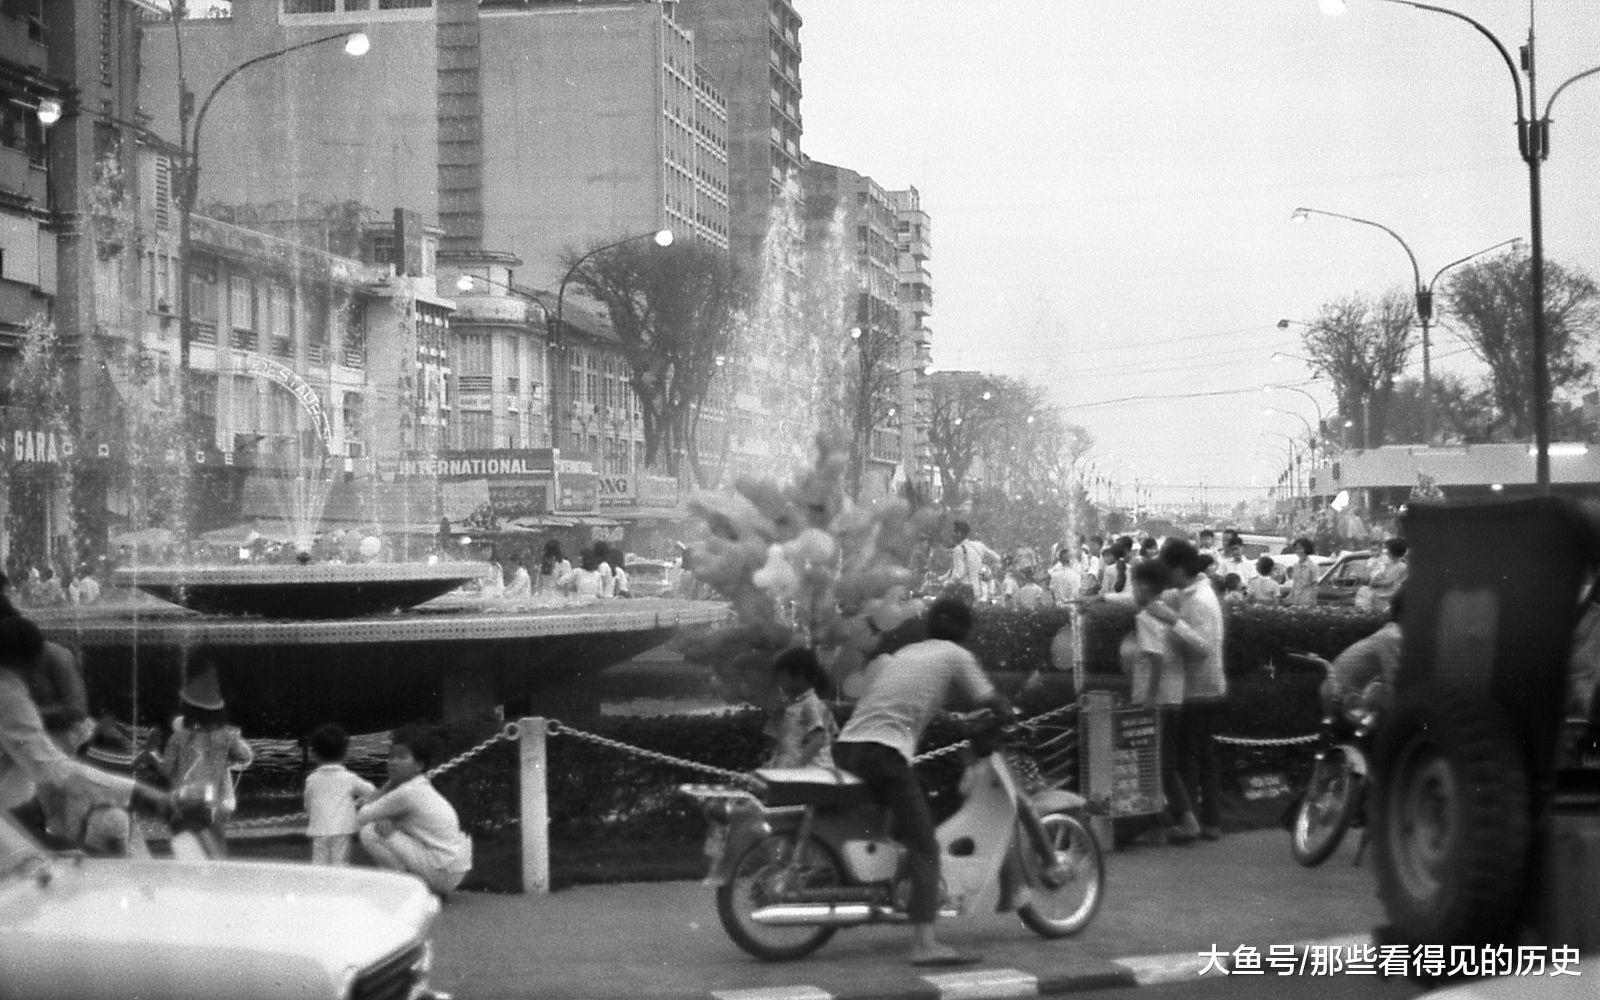 南越政府是受美國支持的,這些幾十年前的照片,正是一個美國大兵Carl Nielsen所拍攝。